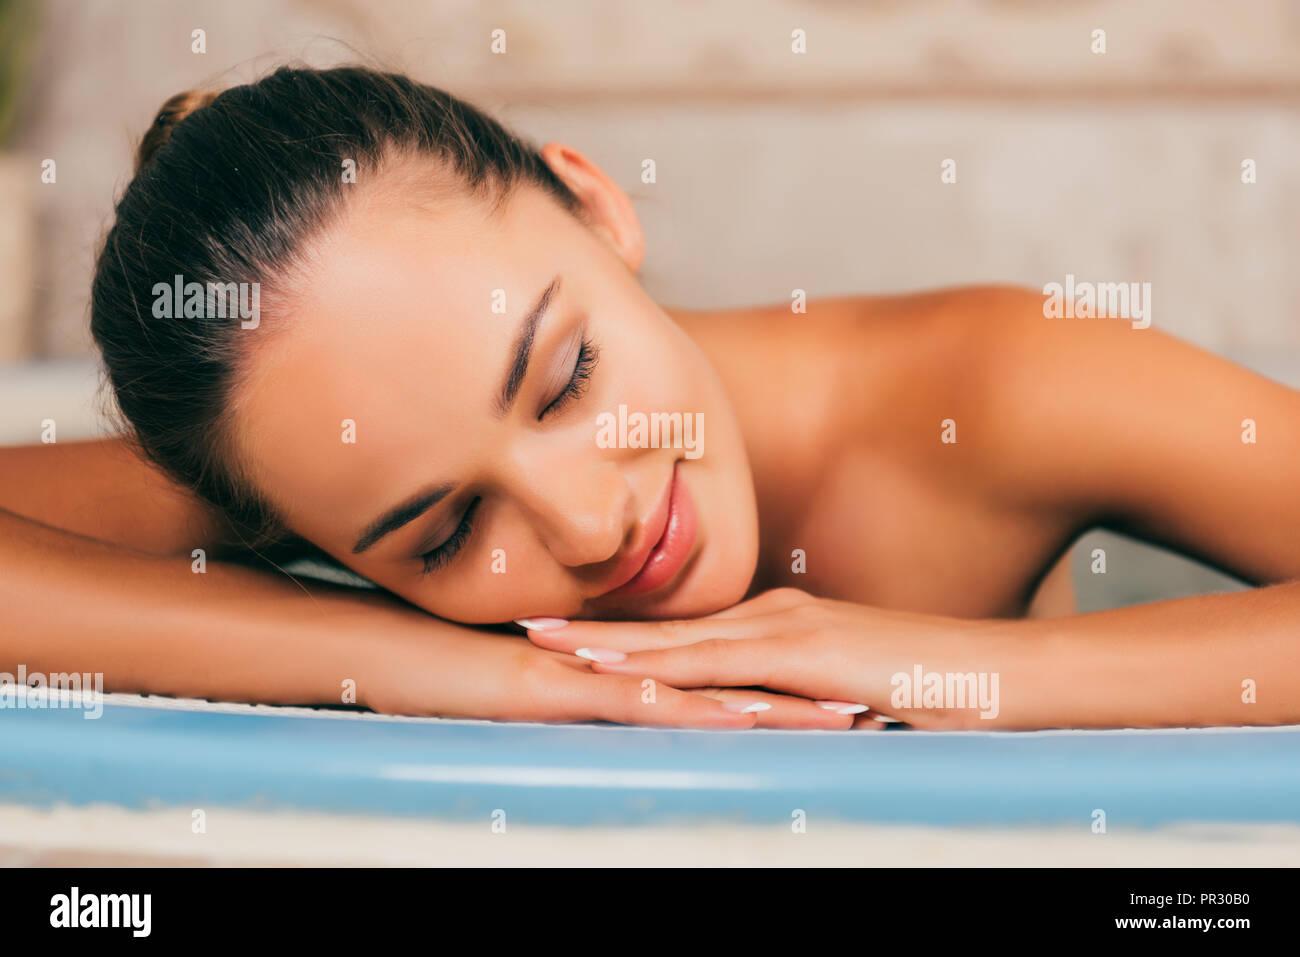 Frau entspannt mit geschlossenen Augen im Spa Salon Stockbild